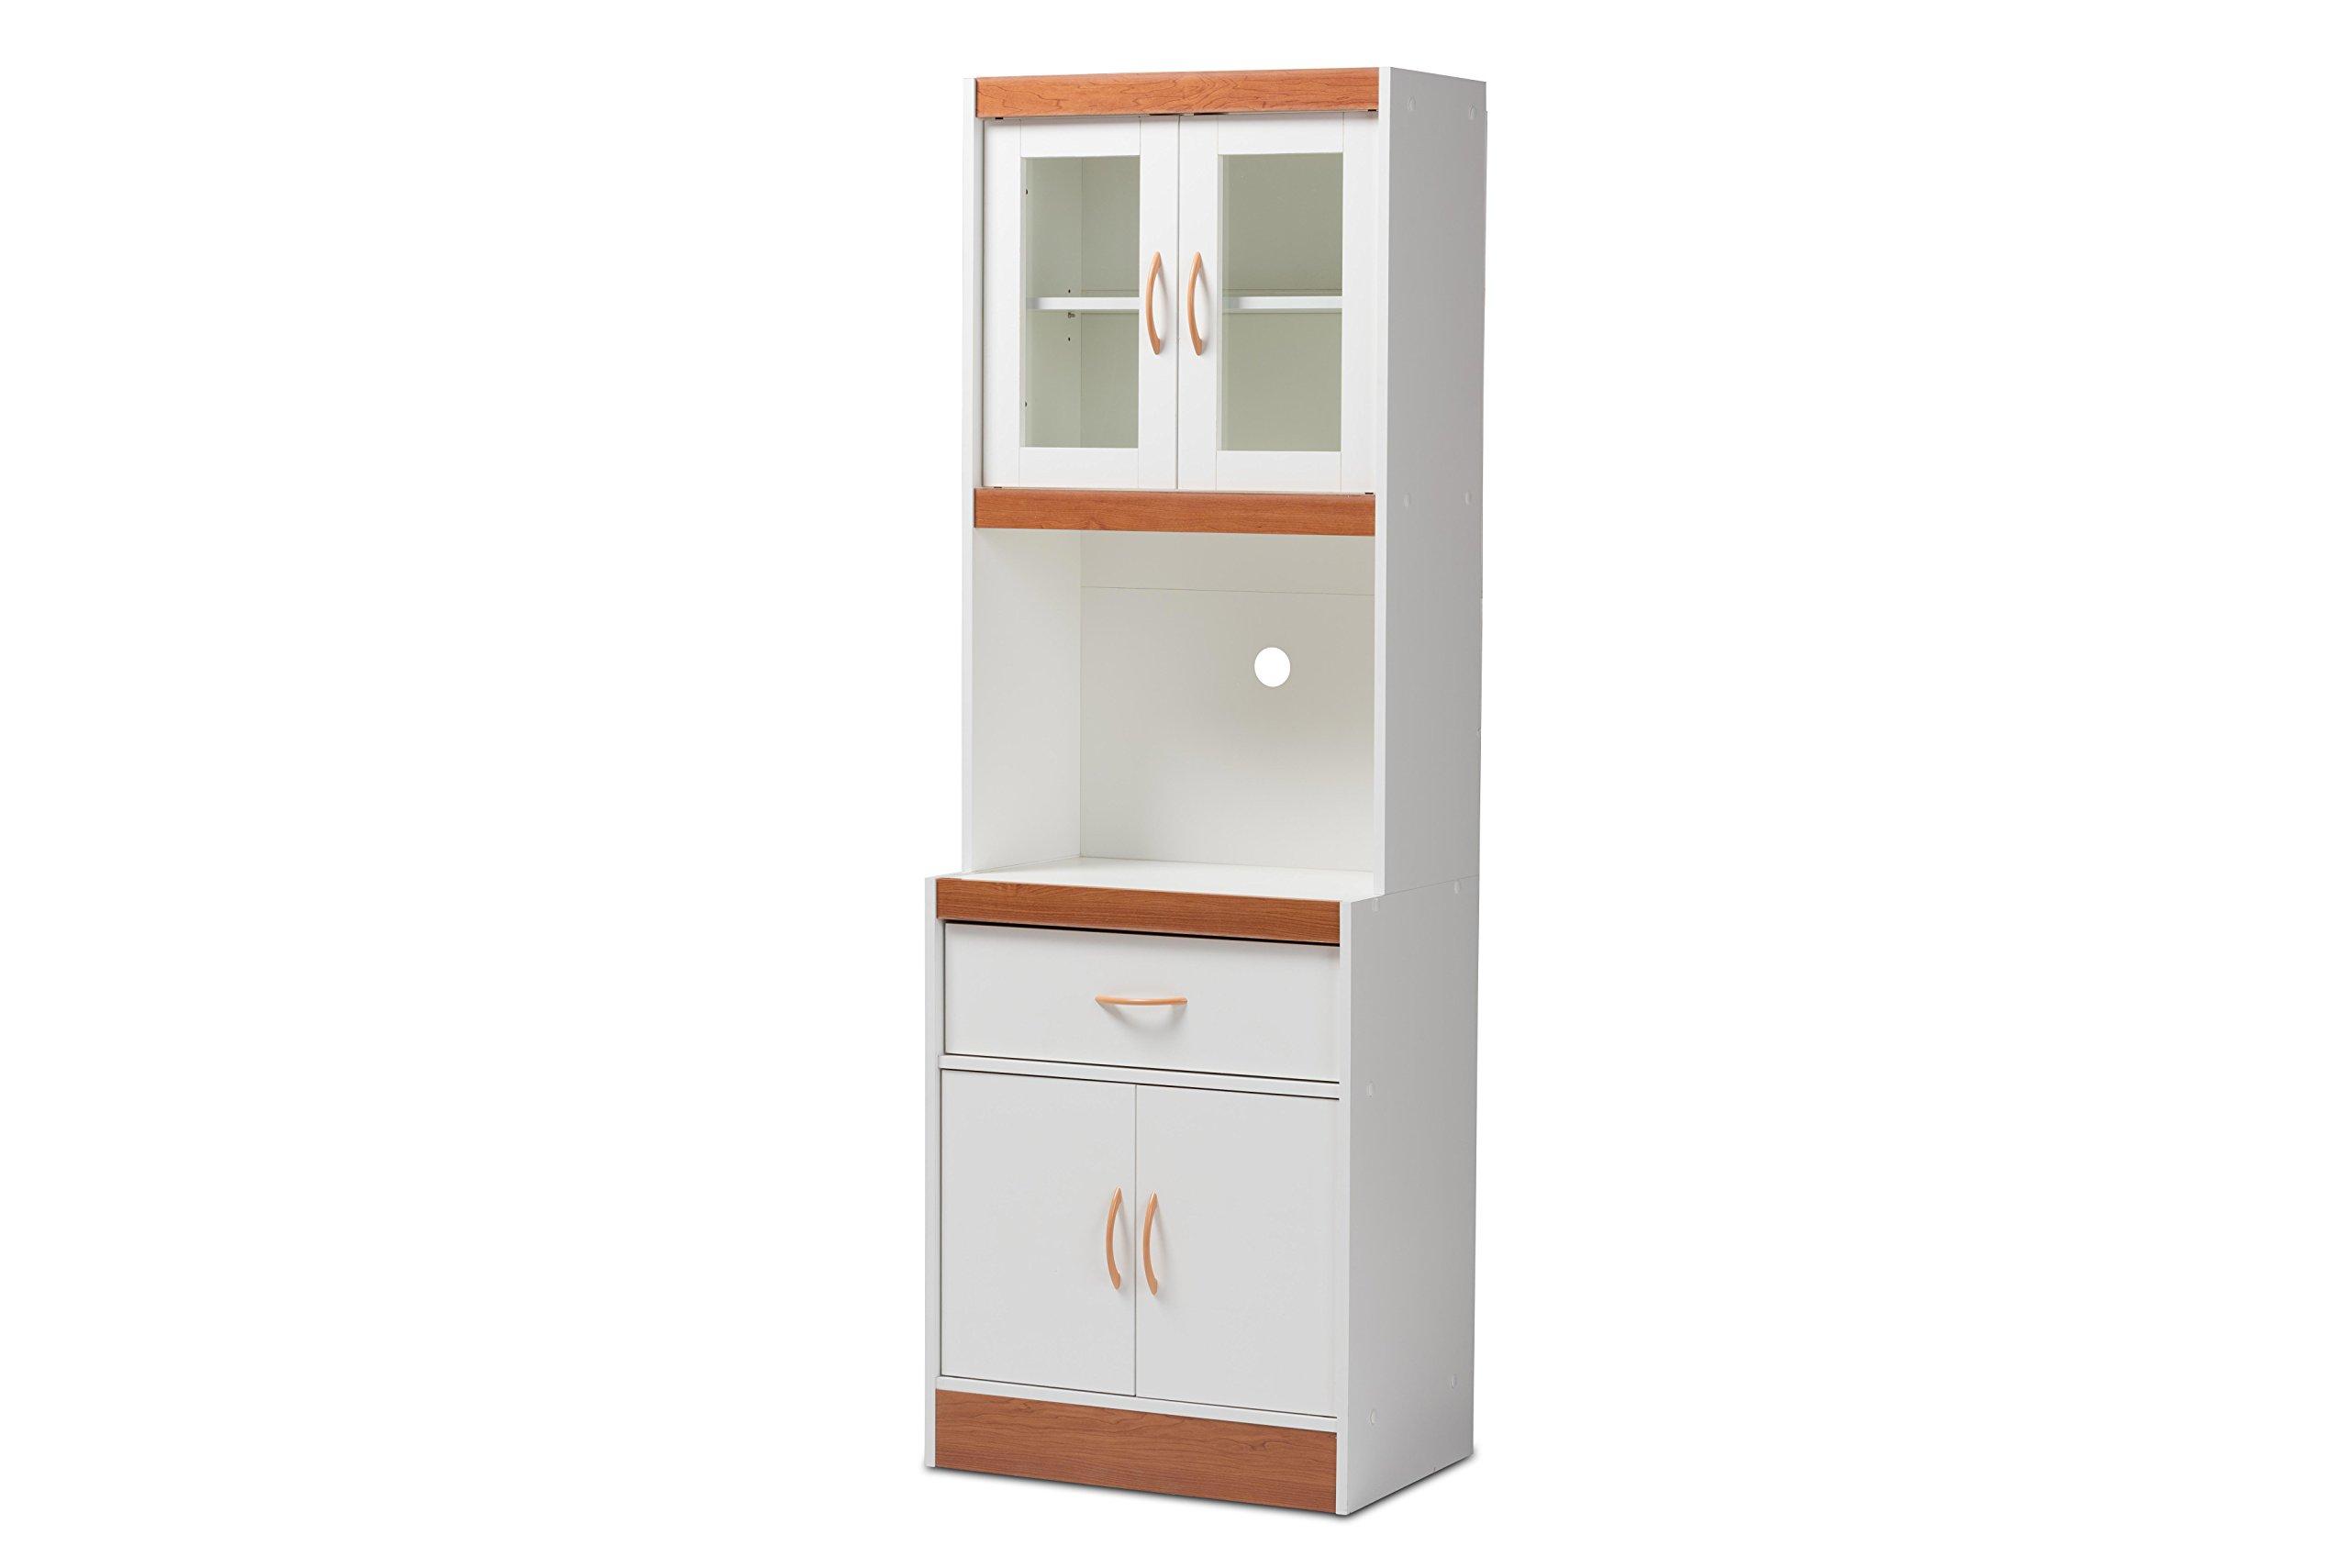 Baxton Studio Laurel Kitchen Cabinet, White/Cherry Brown by Baxton Studio